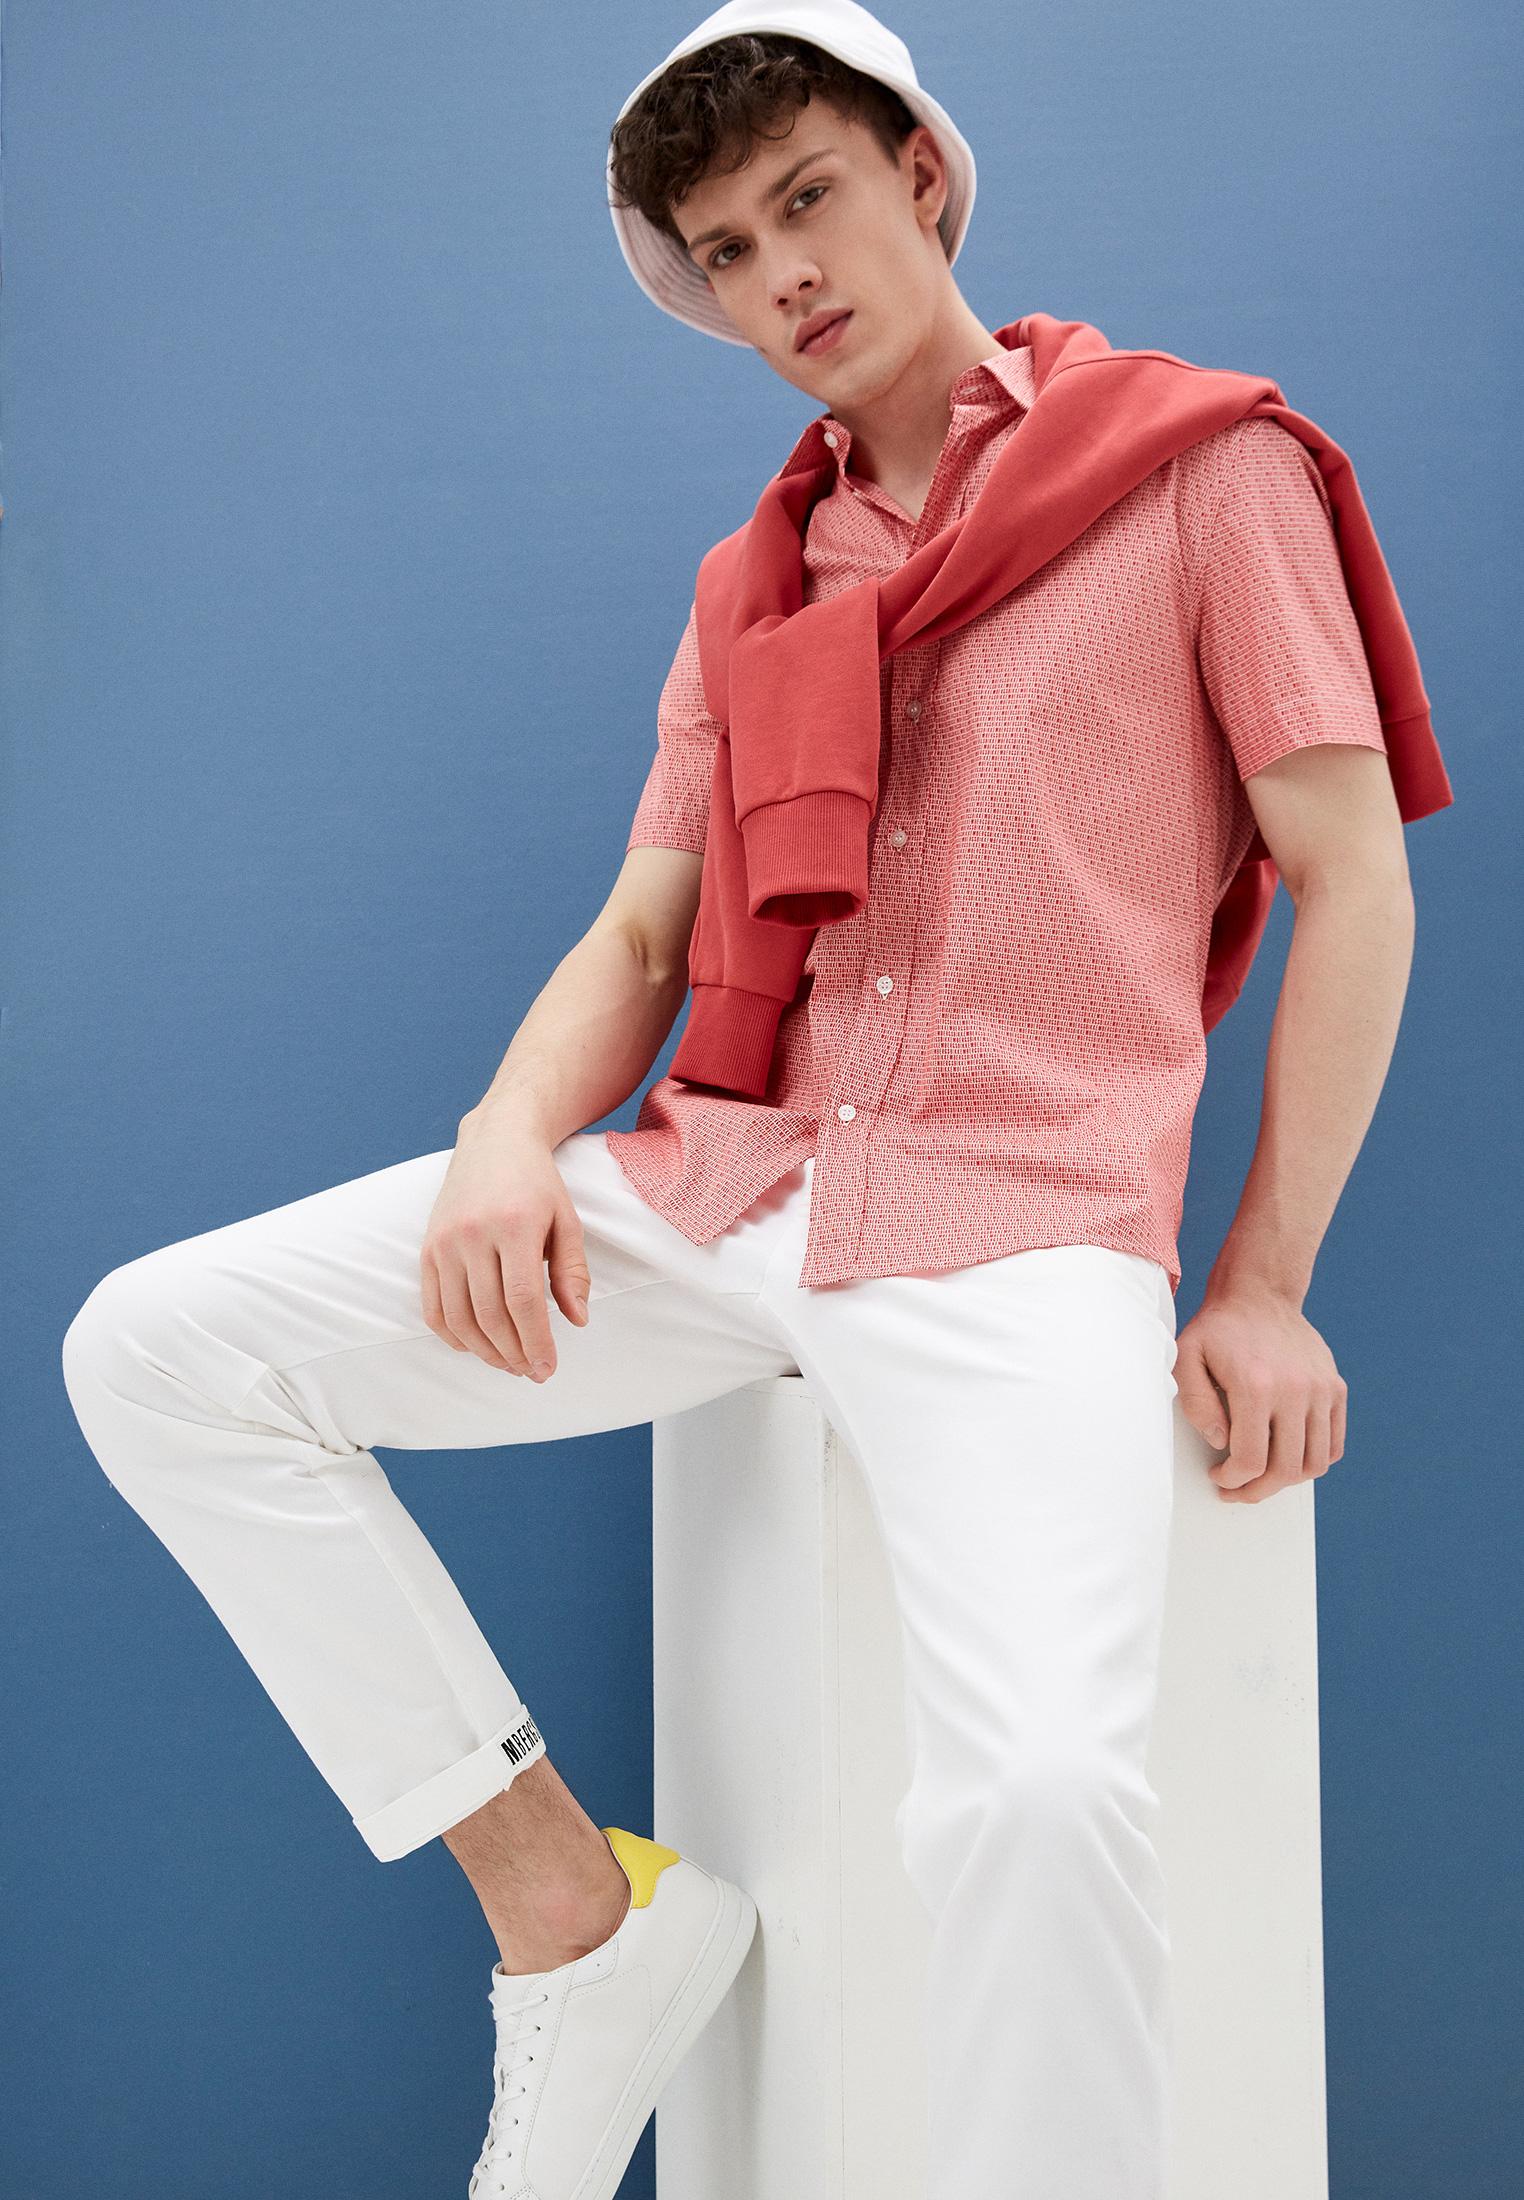 Рубашка с коротким рукавом Bikkembergs (Биккембергс) C C 026 00 S 3353: изображение 2